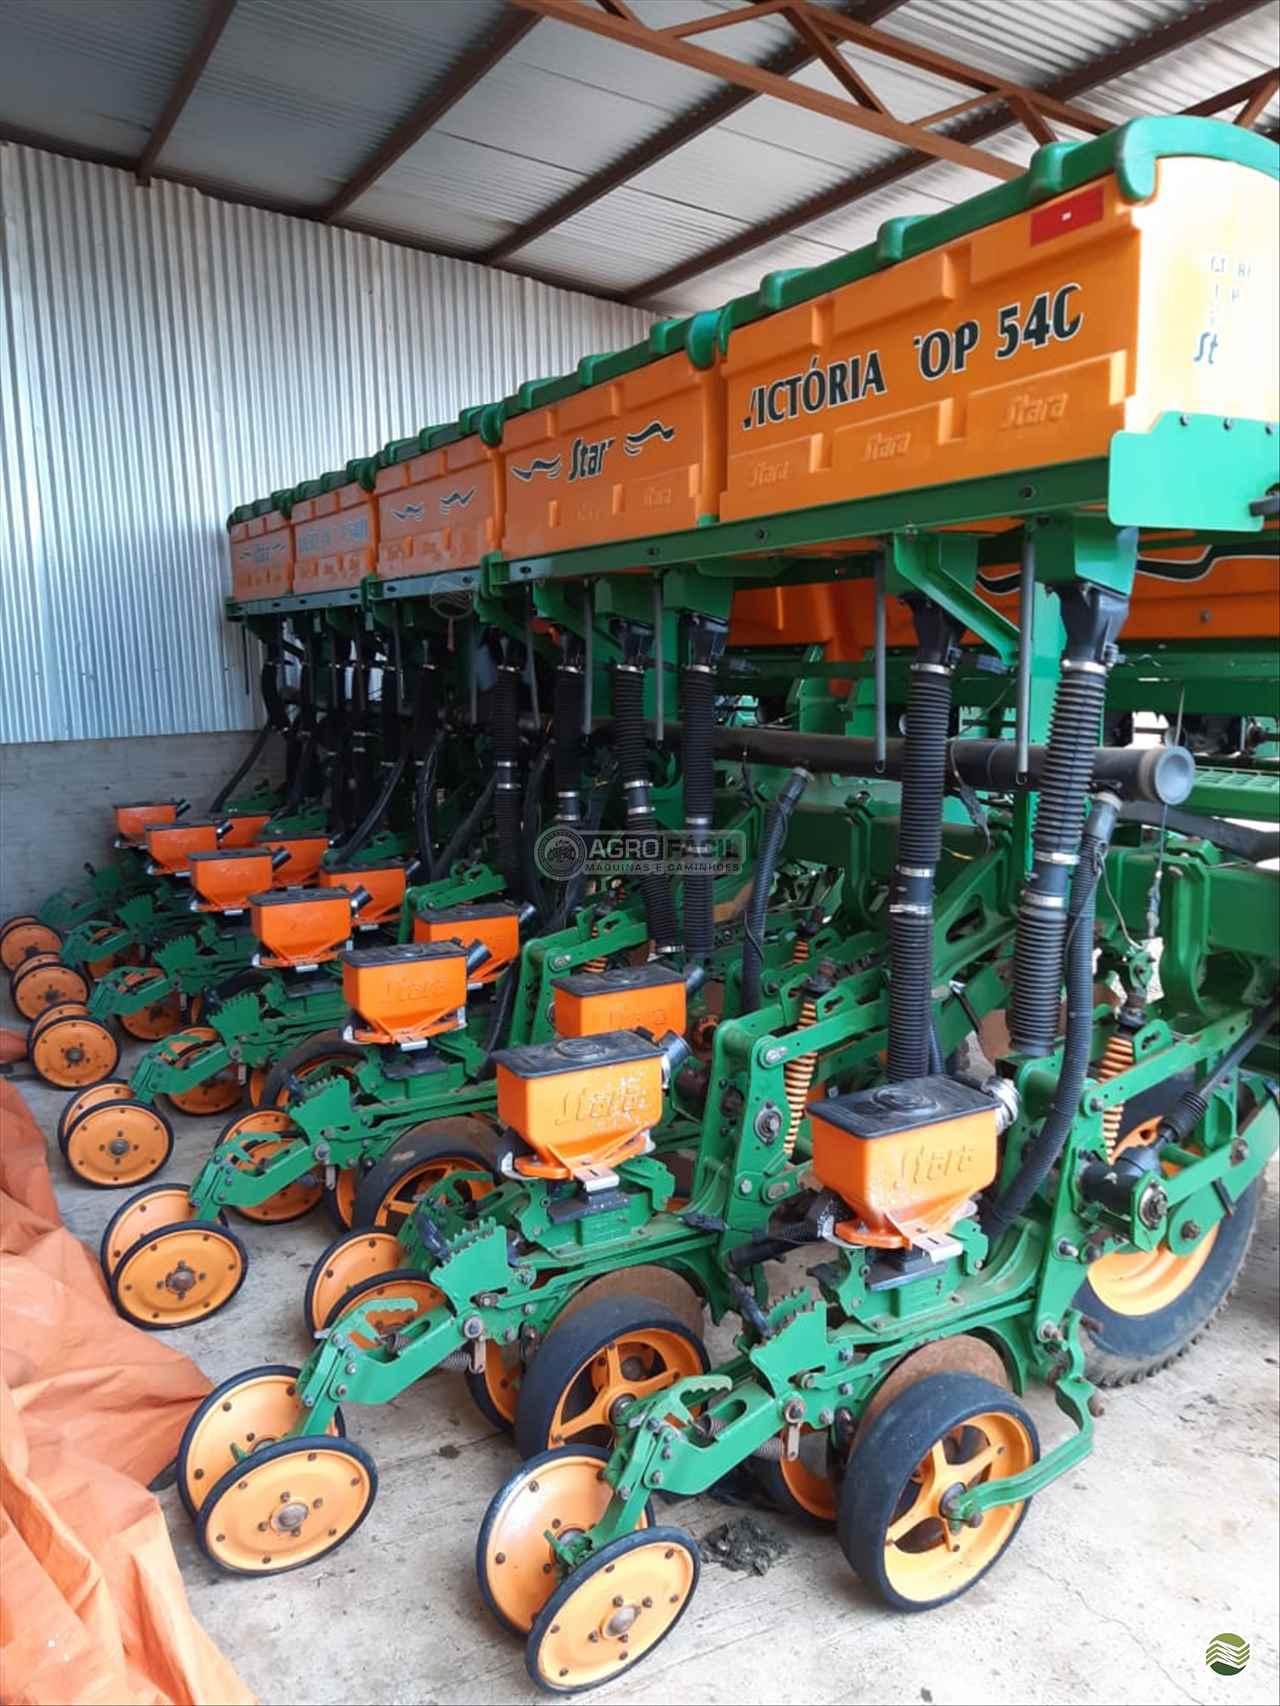 PLANTADEIRA STARA VICTORIA 5400 Agro Fácil Máquinas PRIMAVERA DO LESTE MATO GROSSO MT